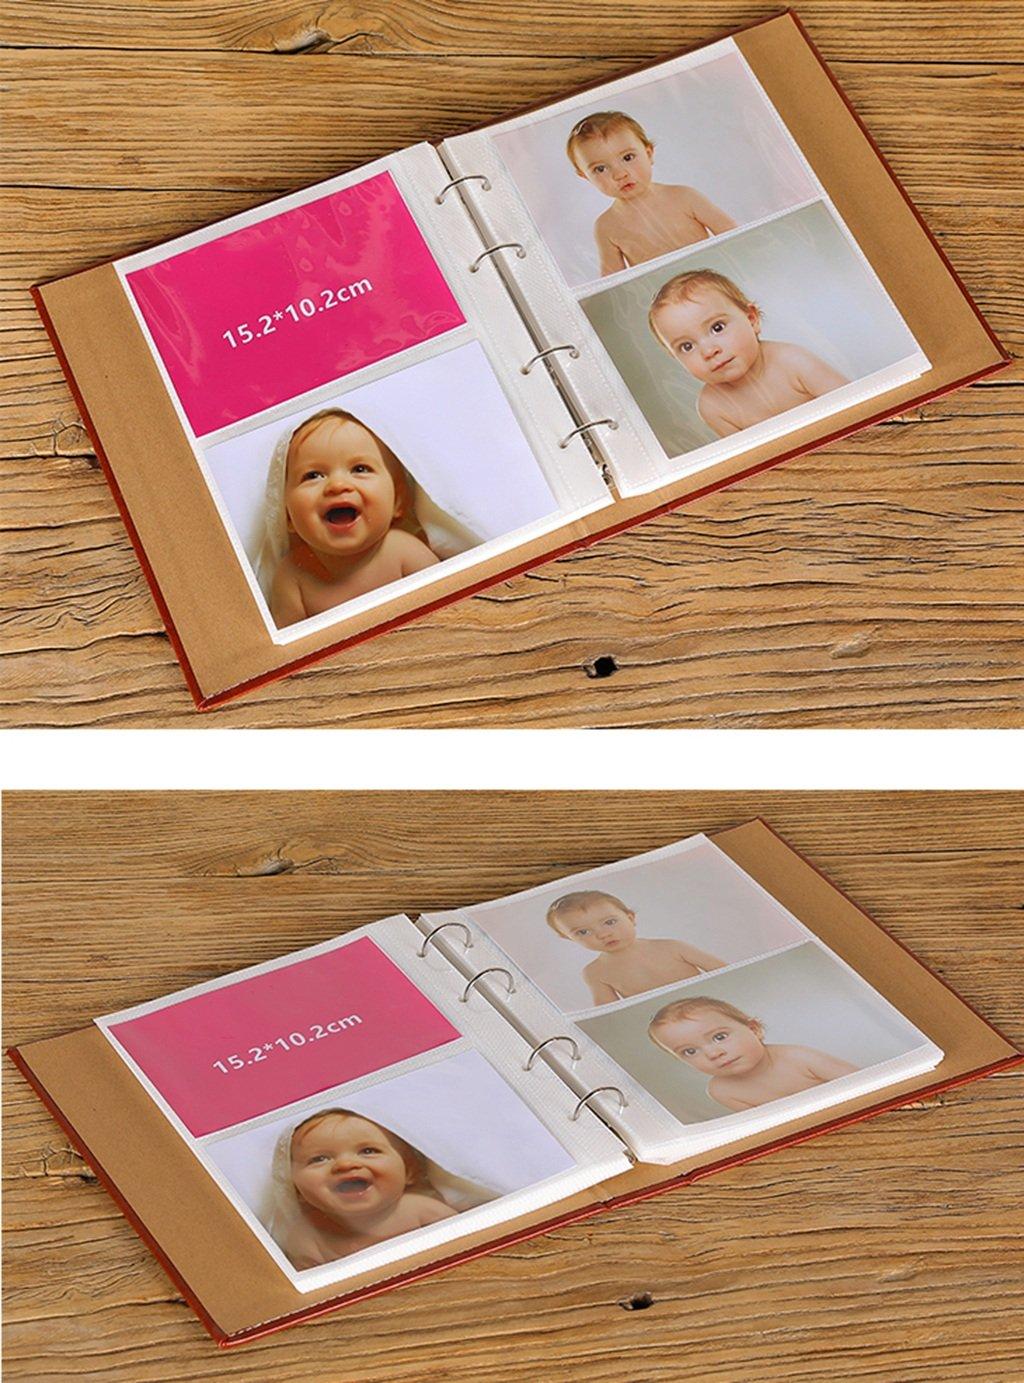 GAO JI FENG del Los Bolsillos 120 del FENG álbum de la Cubierta de la PU Pueden Llevar a Cabo Fotos 4x6, álbum conmemorativo intersticial del Crecimiento del bebé (Tamaño : 25x20.5x5cm) 221995